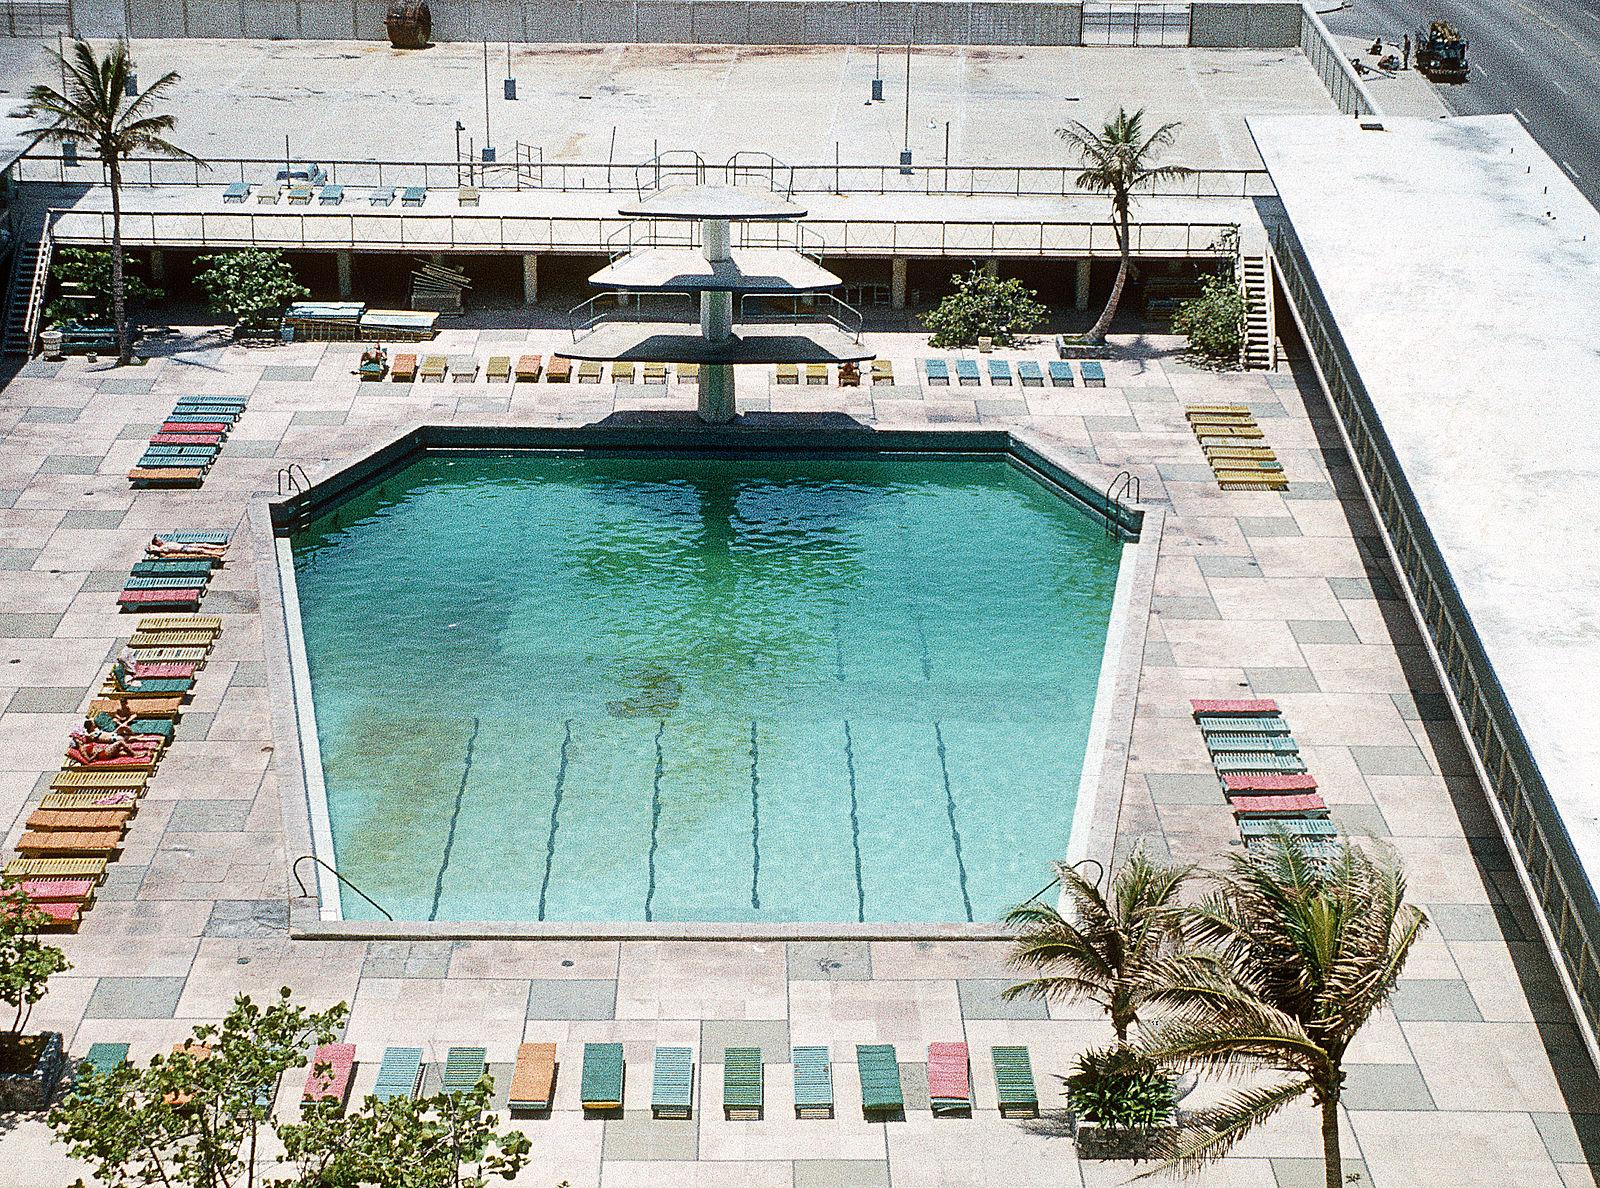 Foto des sargförmigen Pools, persönlicher Spaß von Meyer Lansky